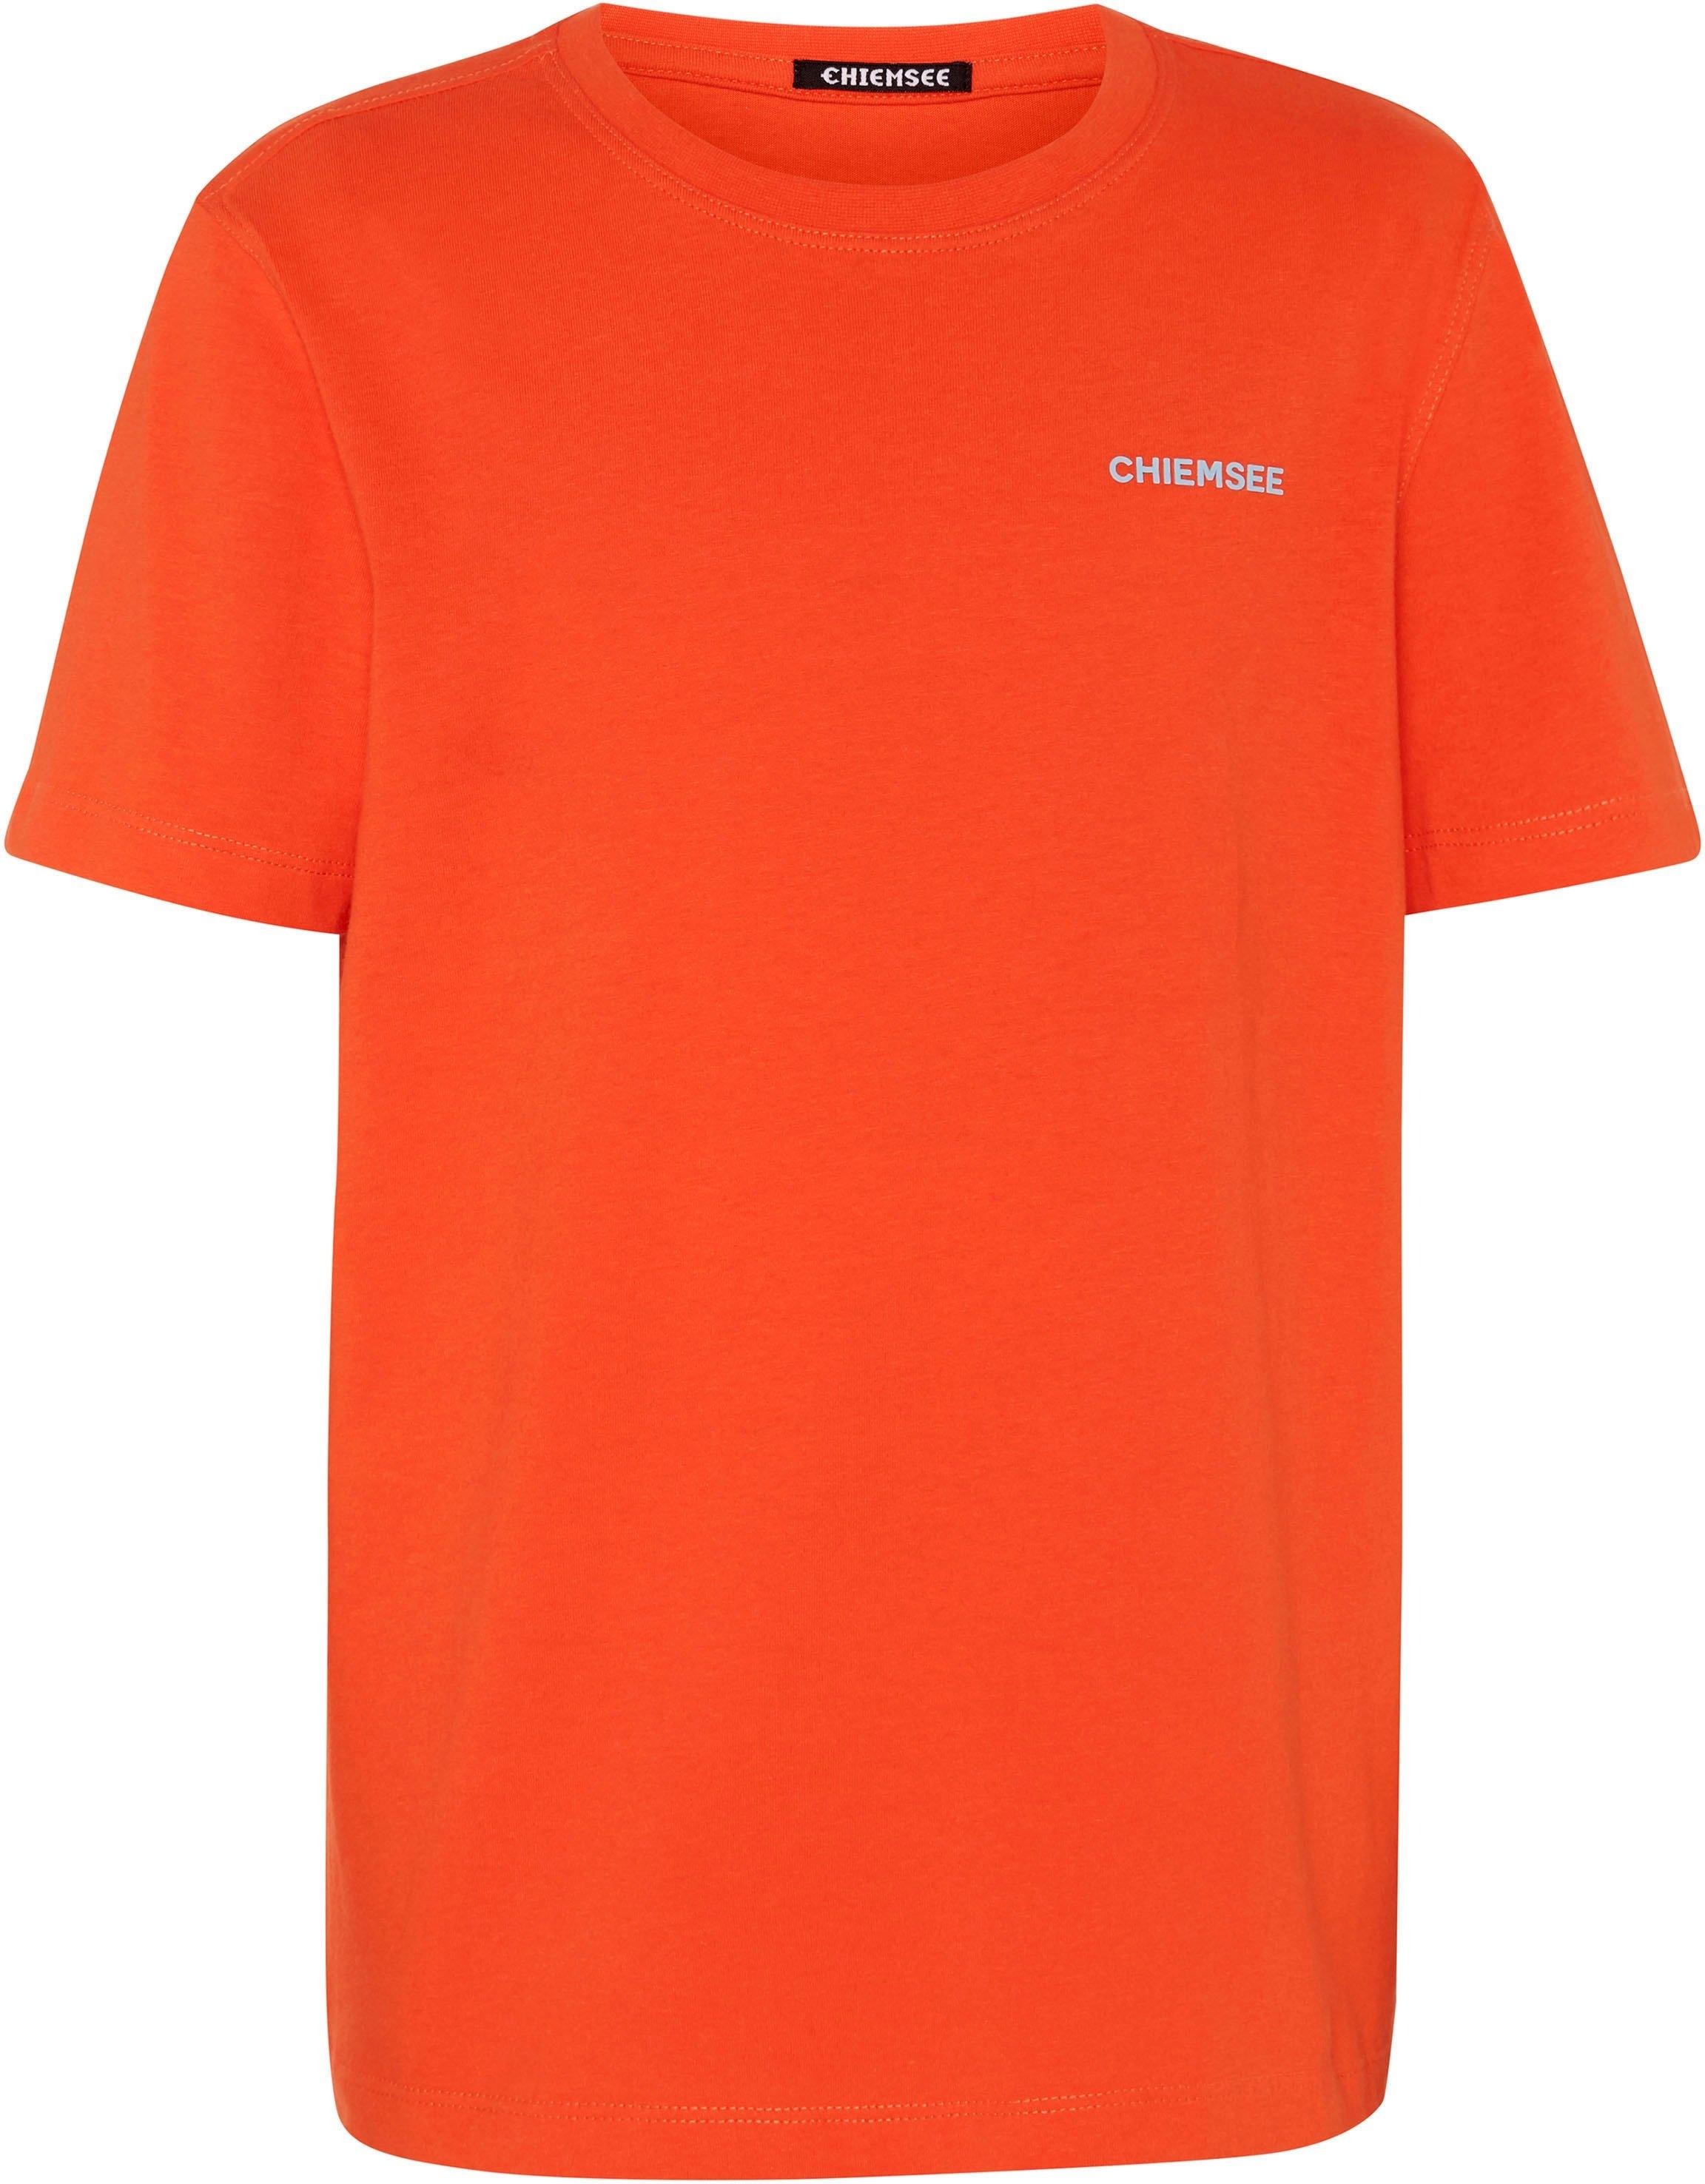 Chiemsee T-shirt nu online bestellen